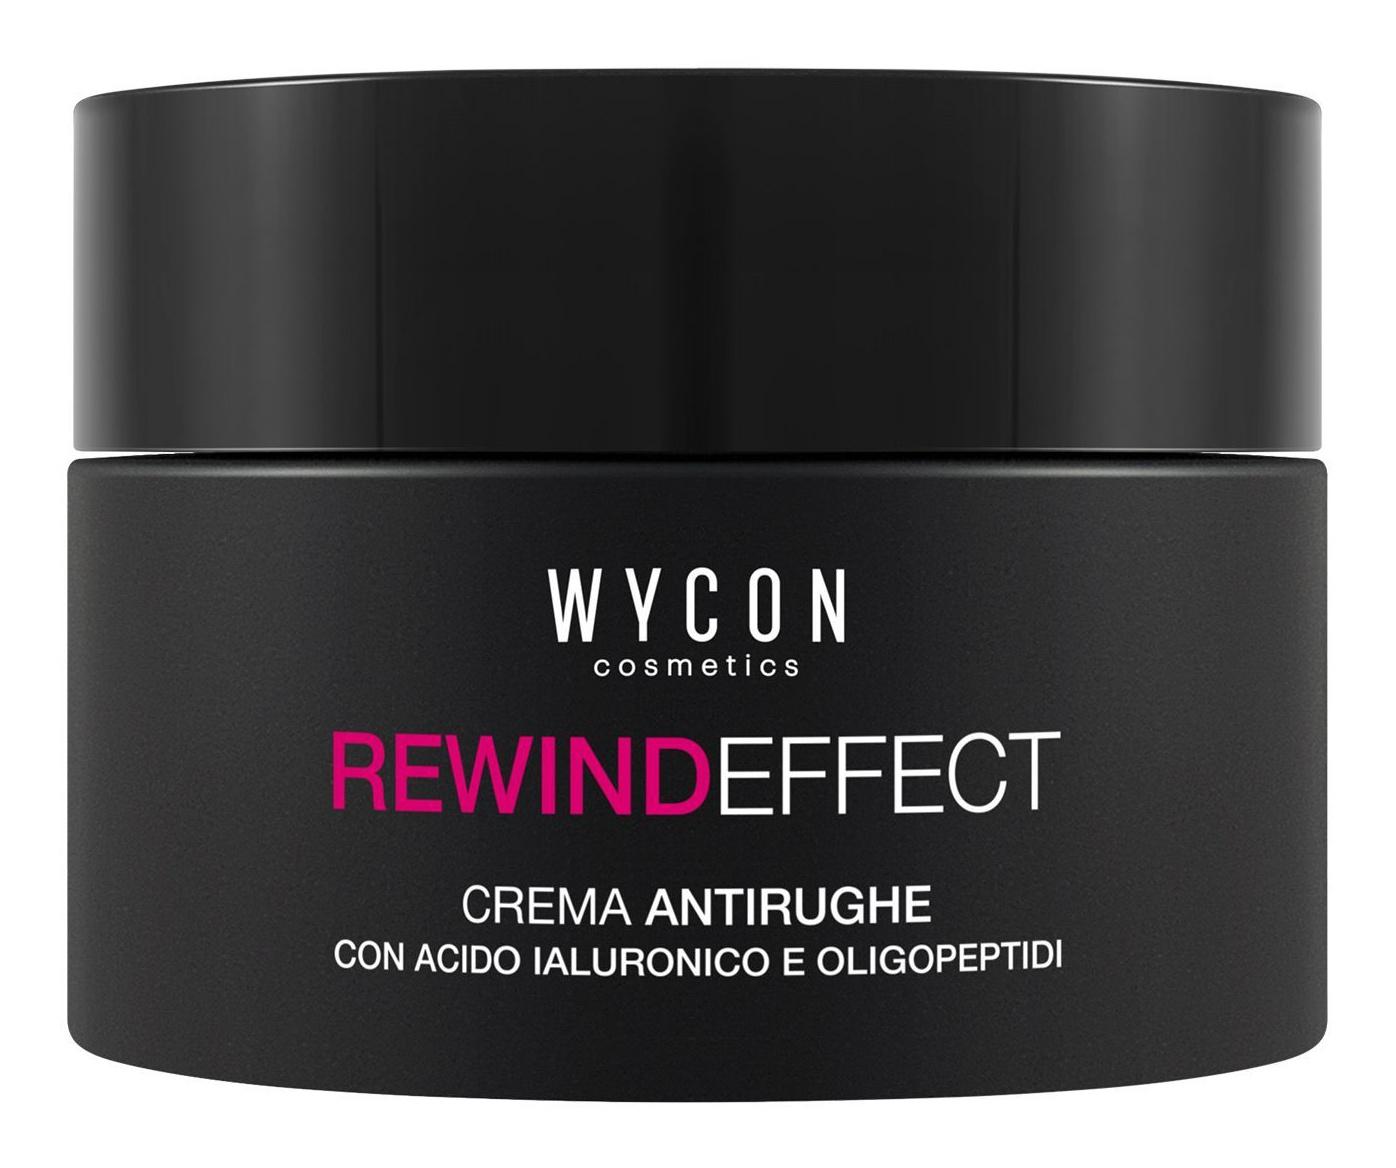 Wycon Rewind Effect